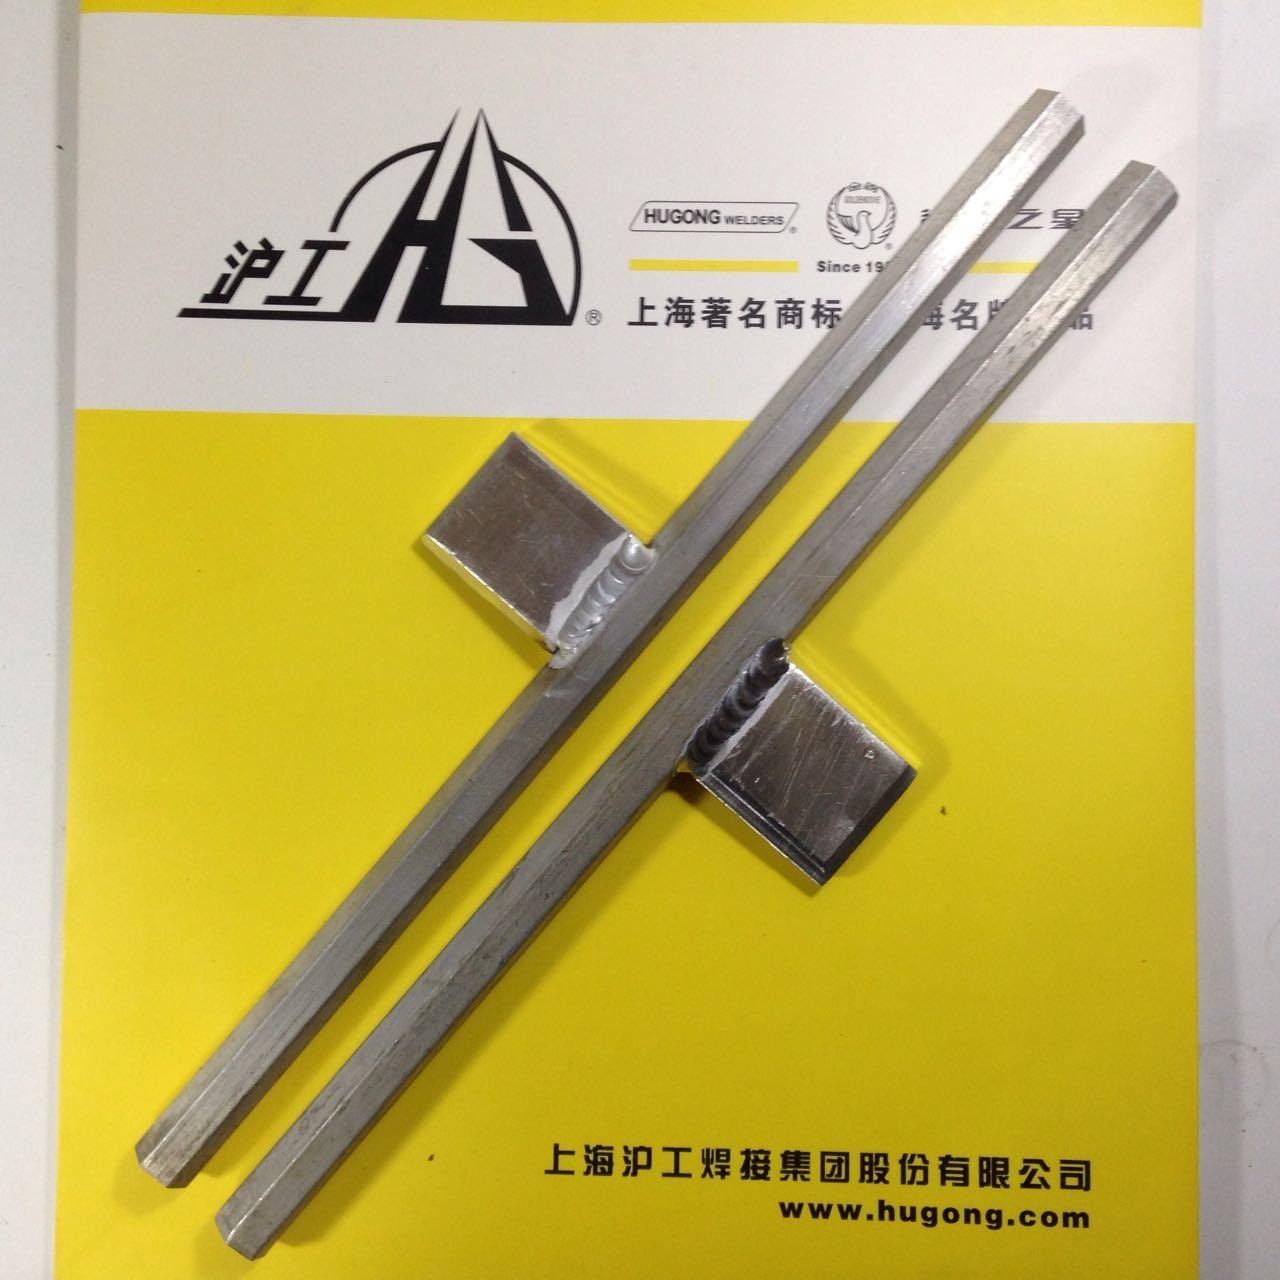 60.00元包邮上海沪工沪工之星电焊机BX1系列原装导轨滑轨配件专用配件导轨